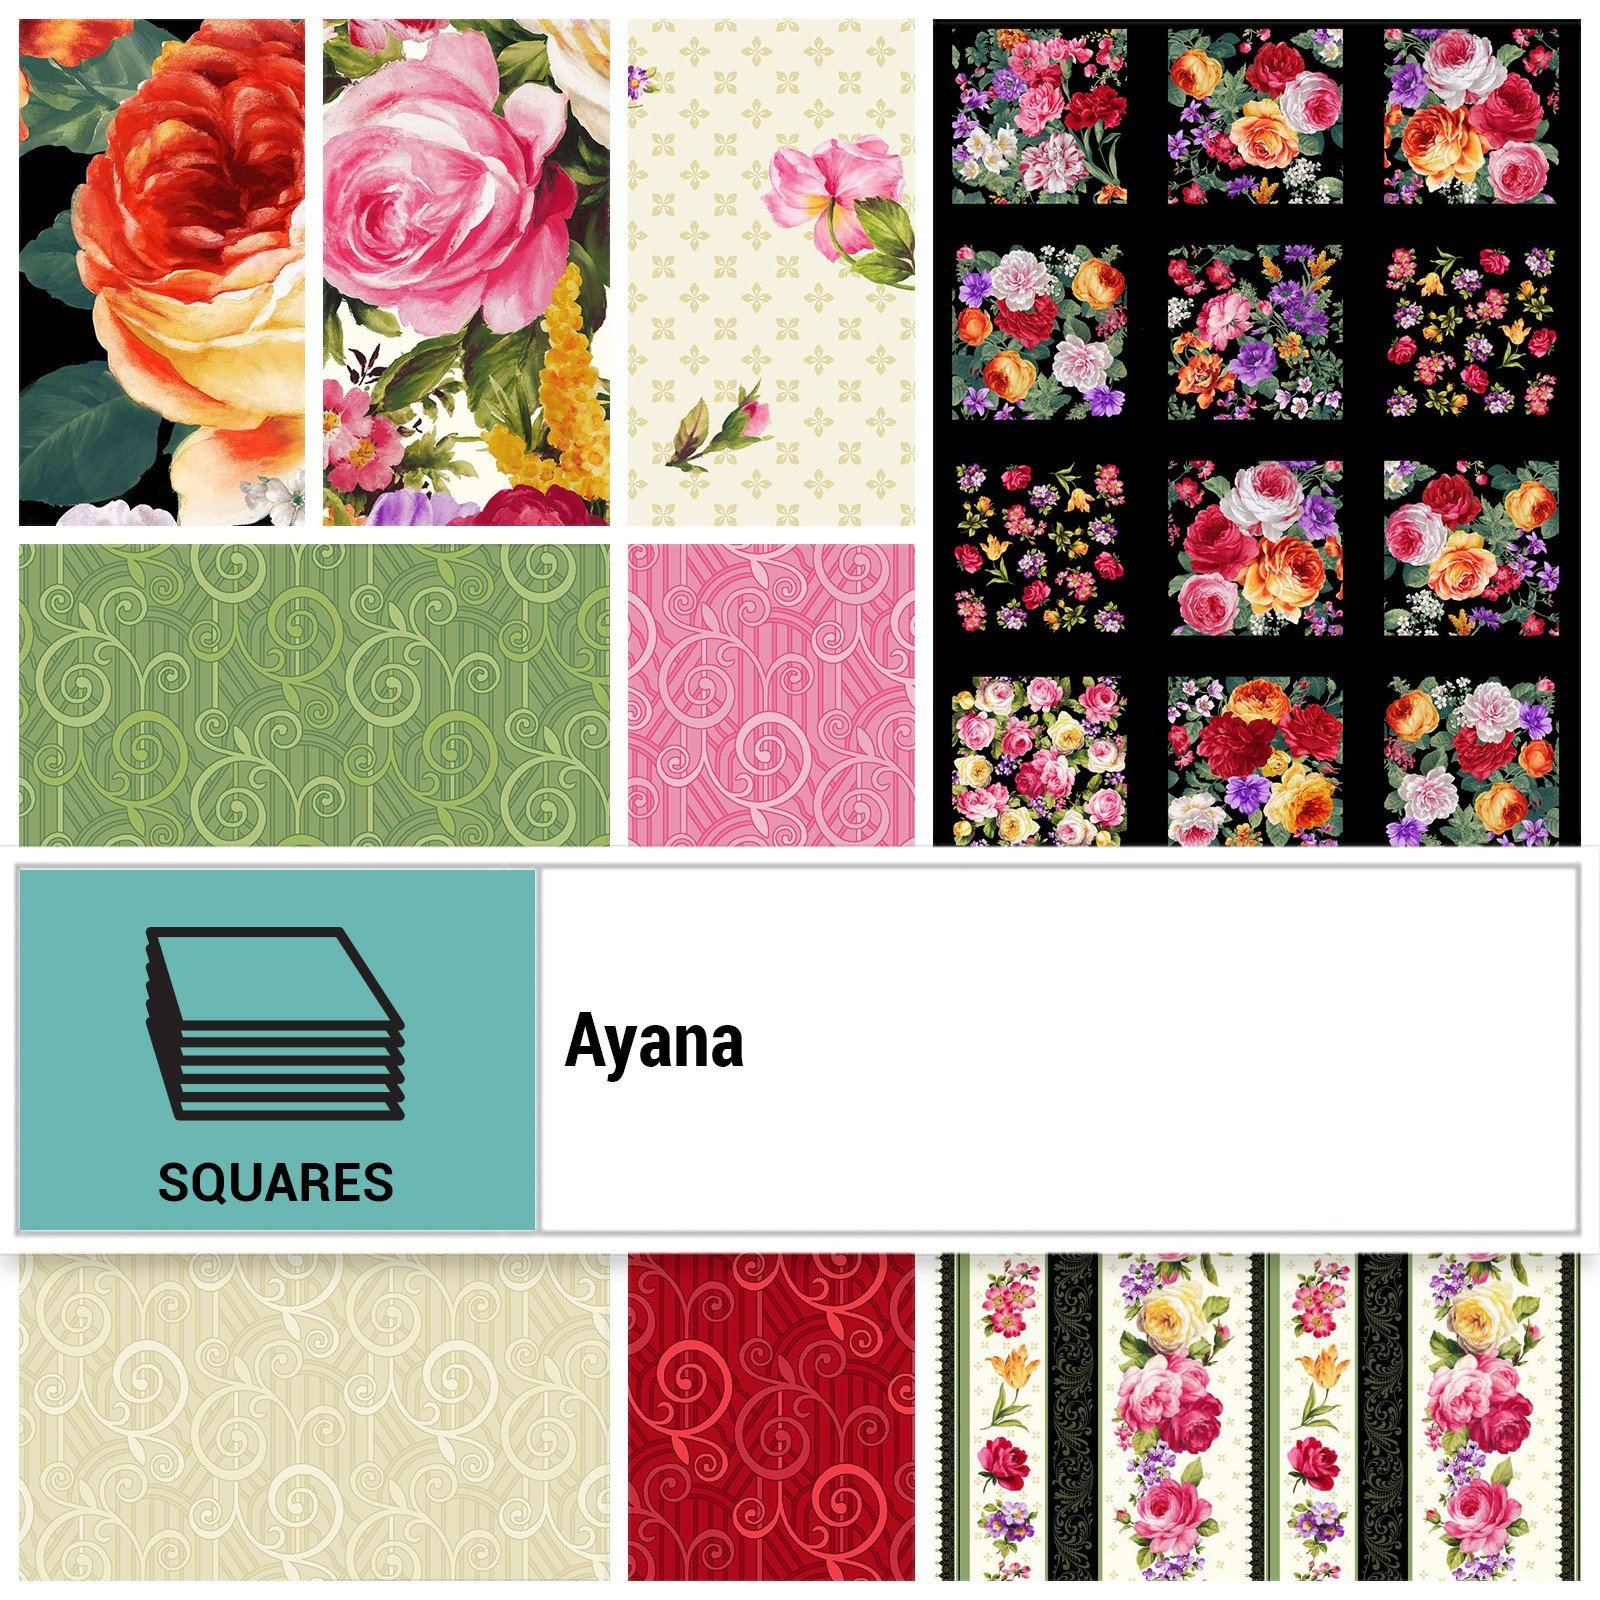 Squares - Ayana<br/>P&B Textiles SQ-PNBAYAN